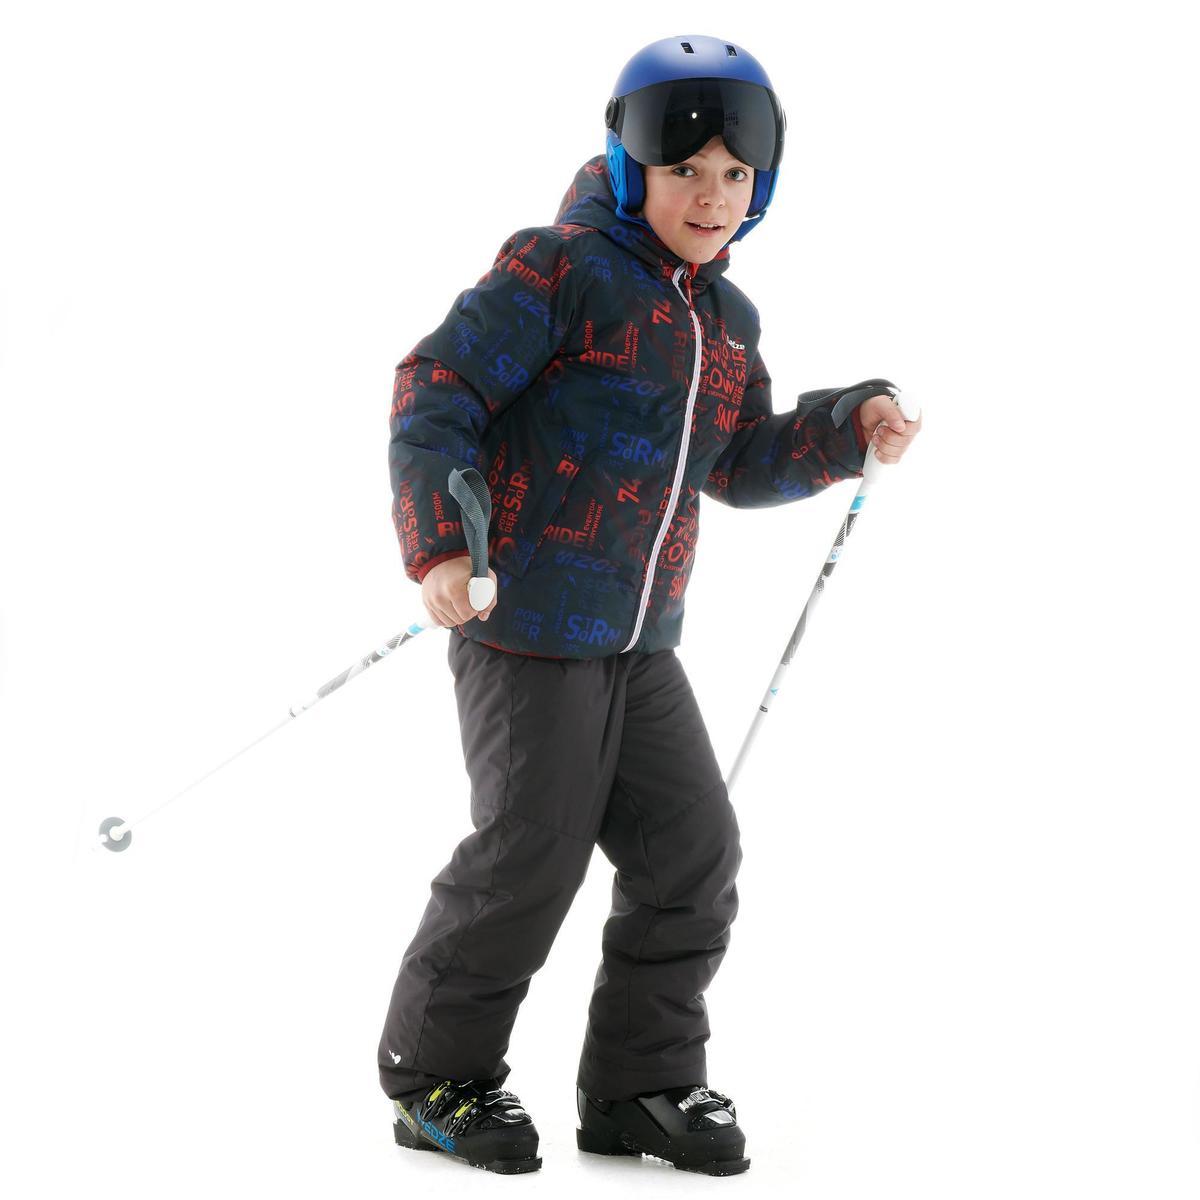 Bild 3 von Skijacke Piste 100 warm wendbar Kinder schwarz